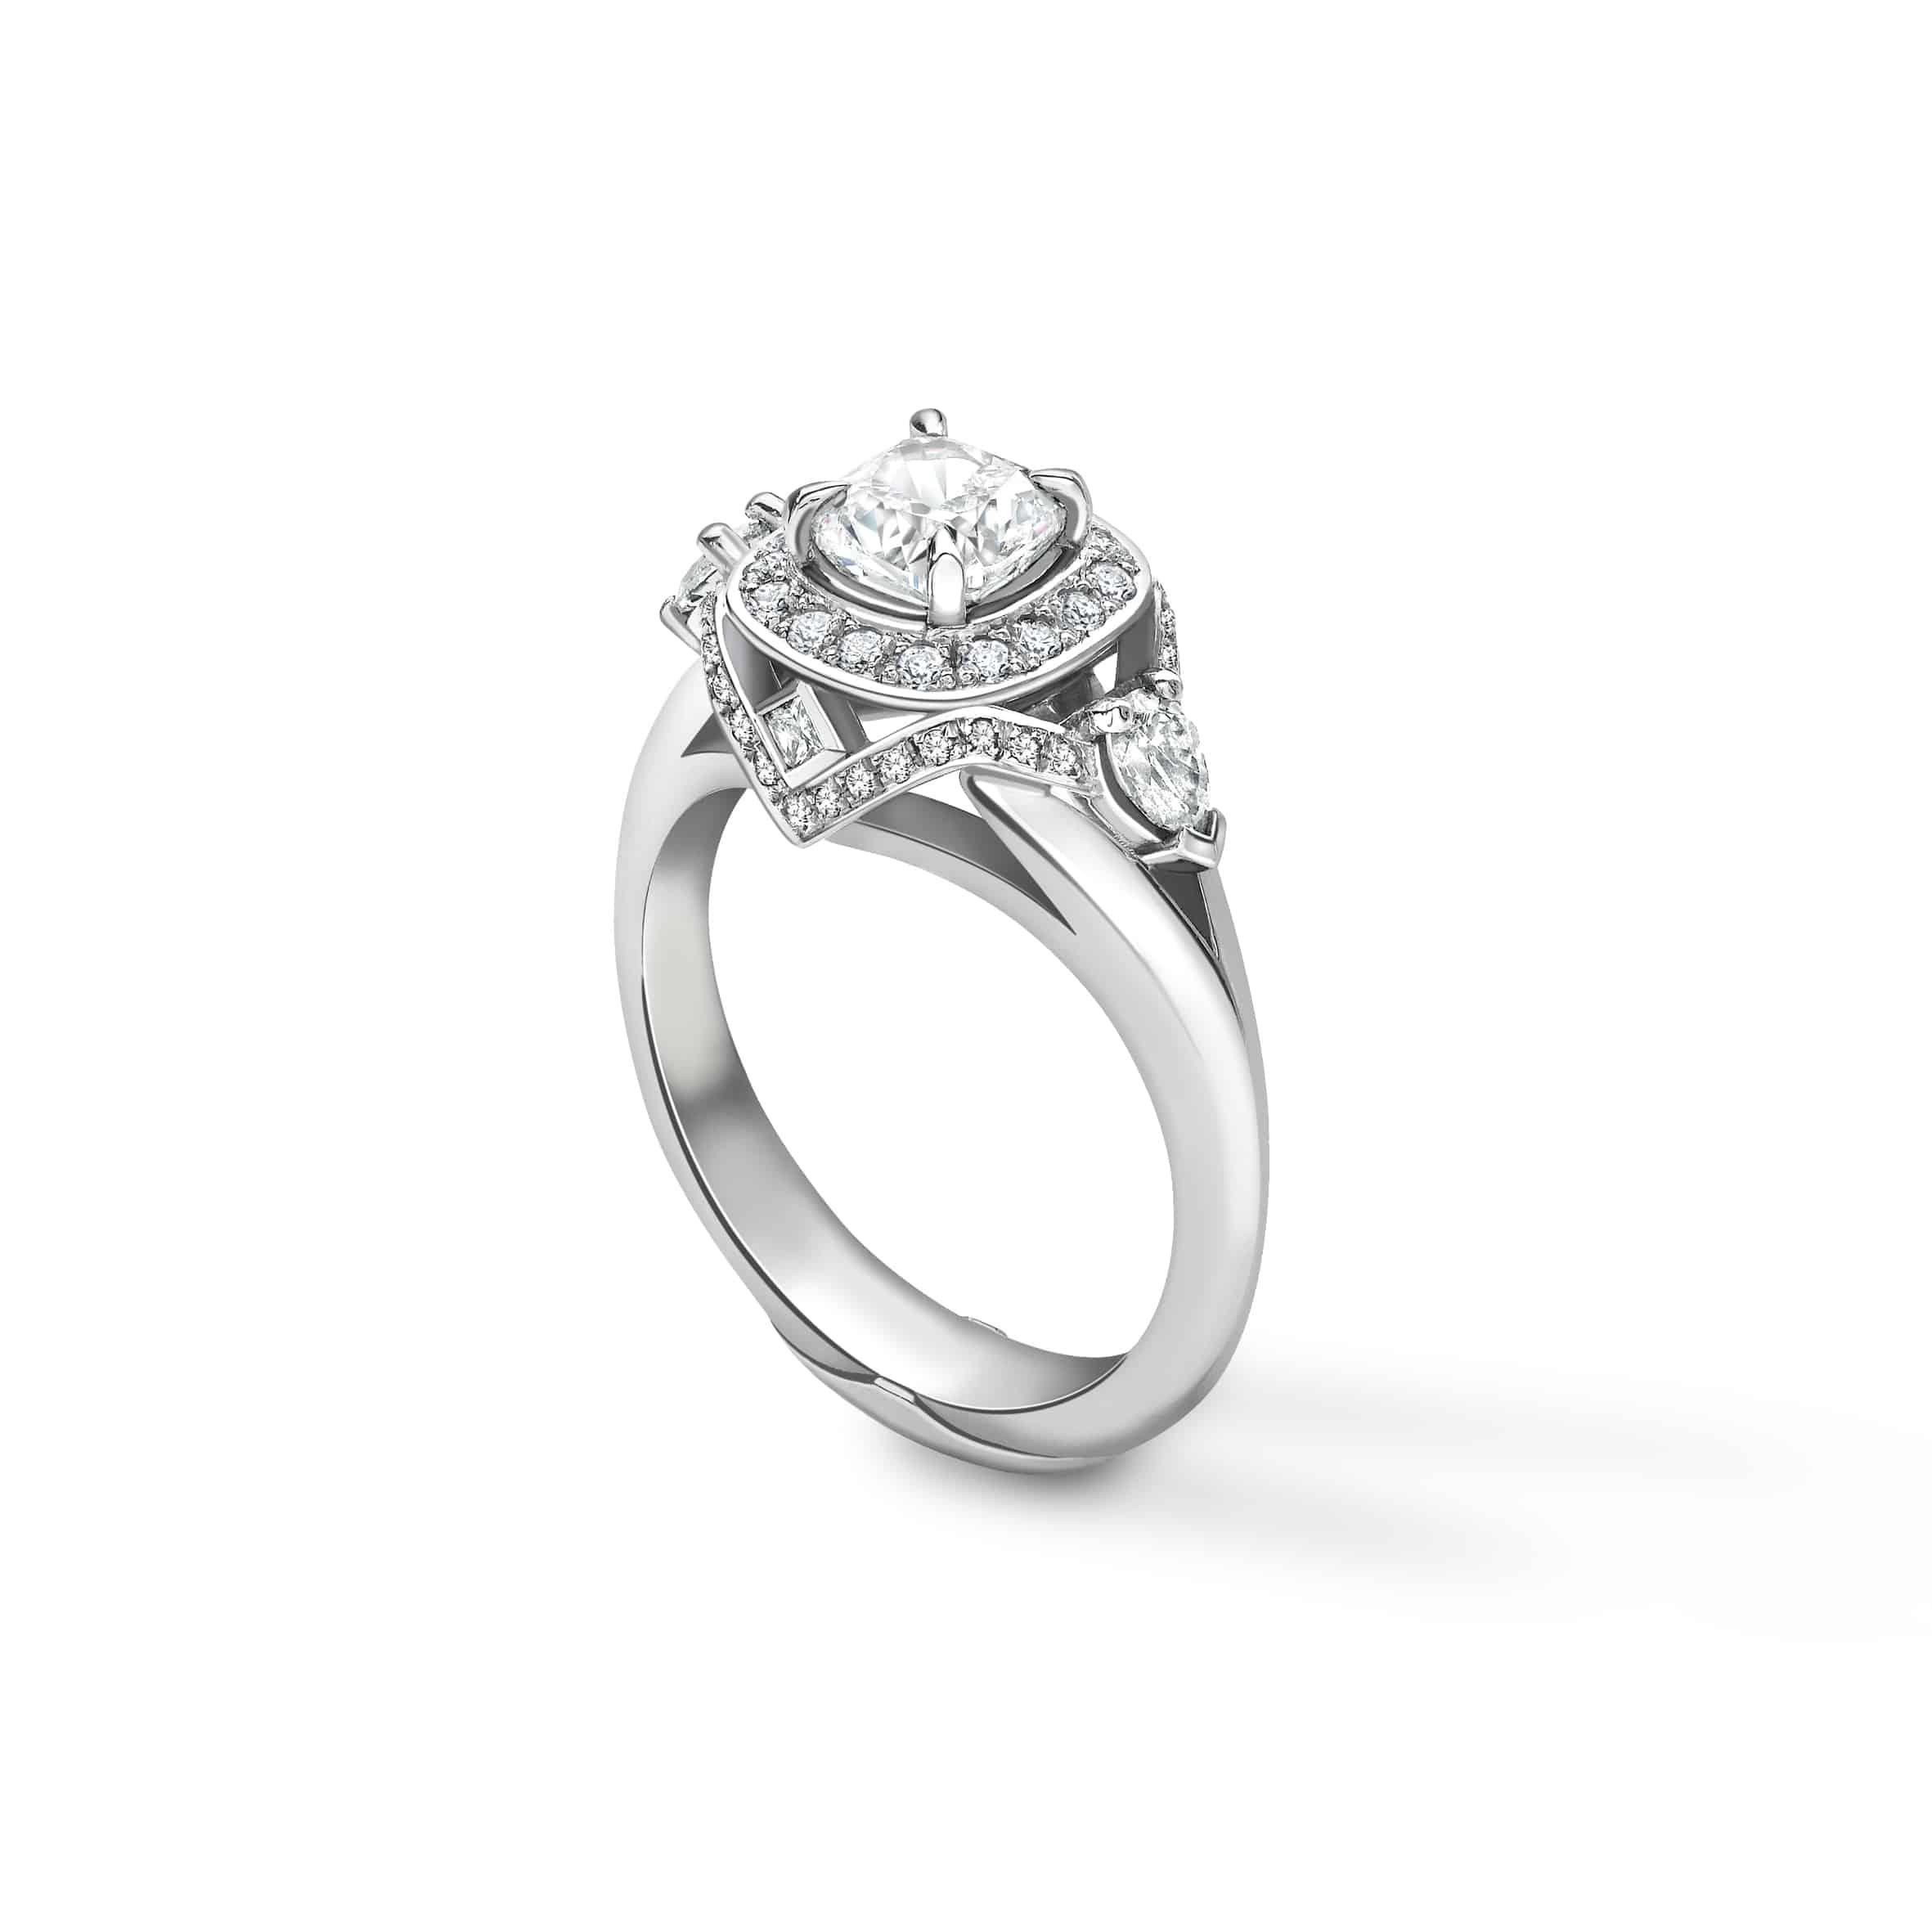 PureJewels Gaja Ring in platinum